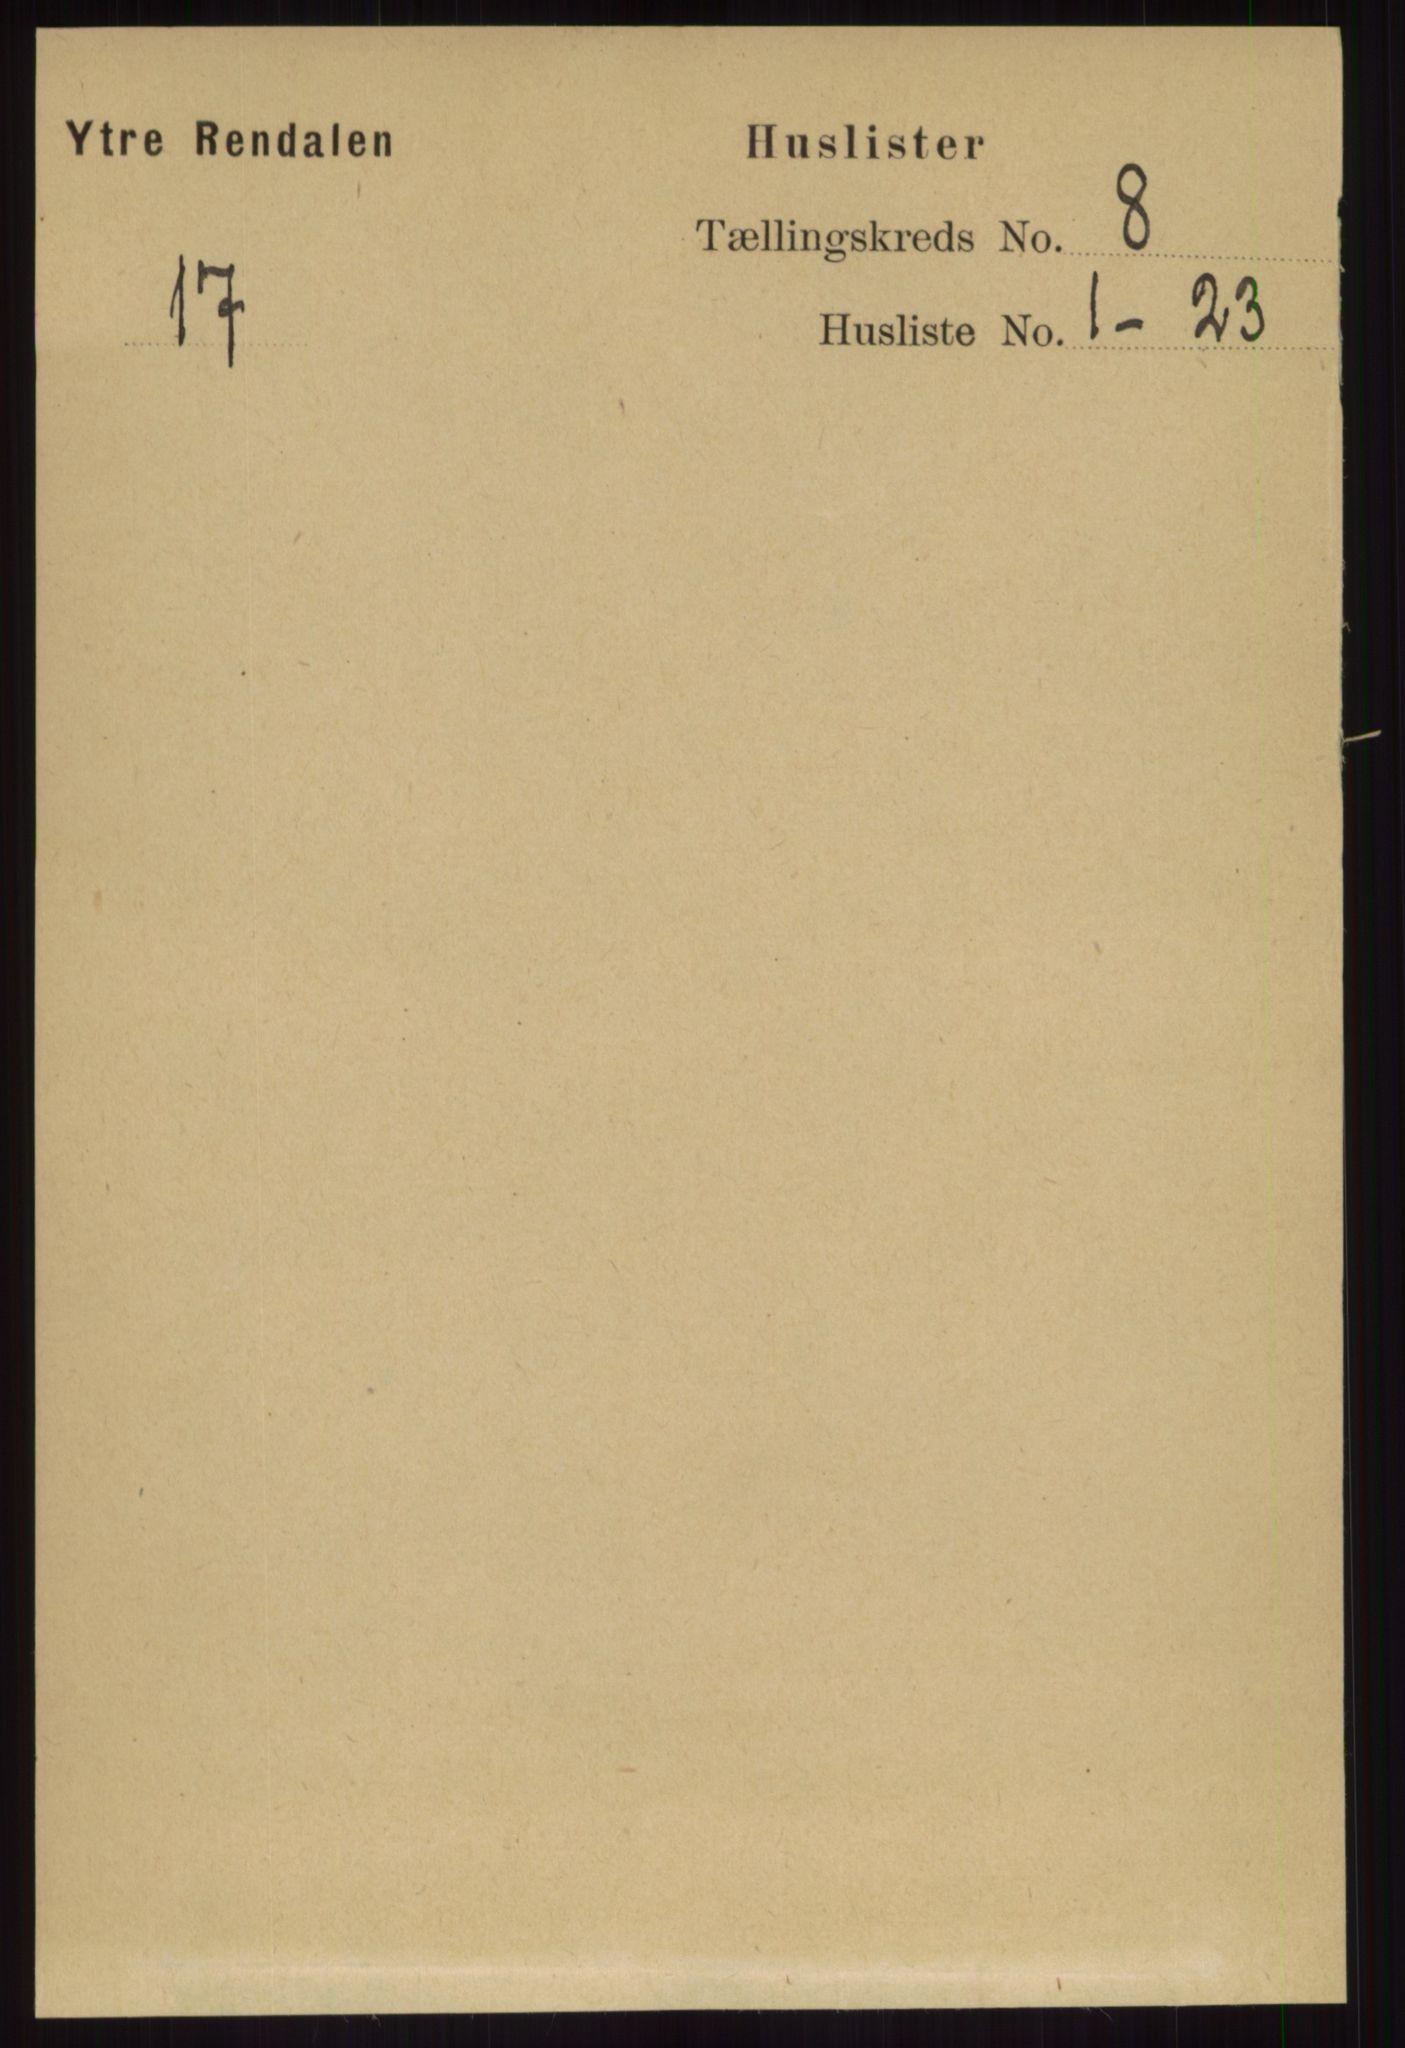 RA, Folketelling 1891 for 0432 Ytre Rendal herred, 1891, s. 2043